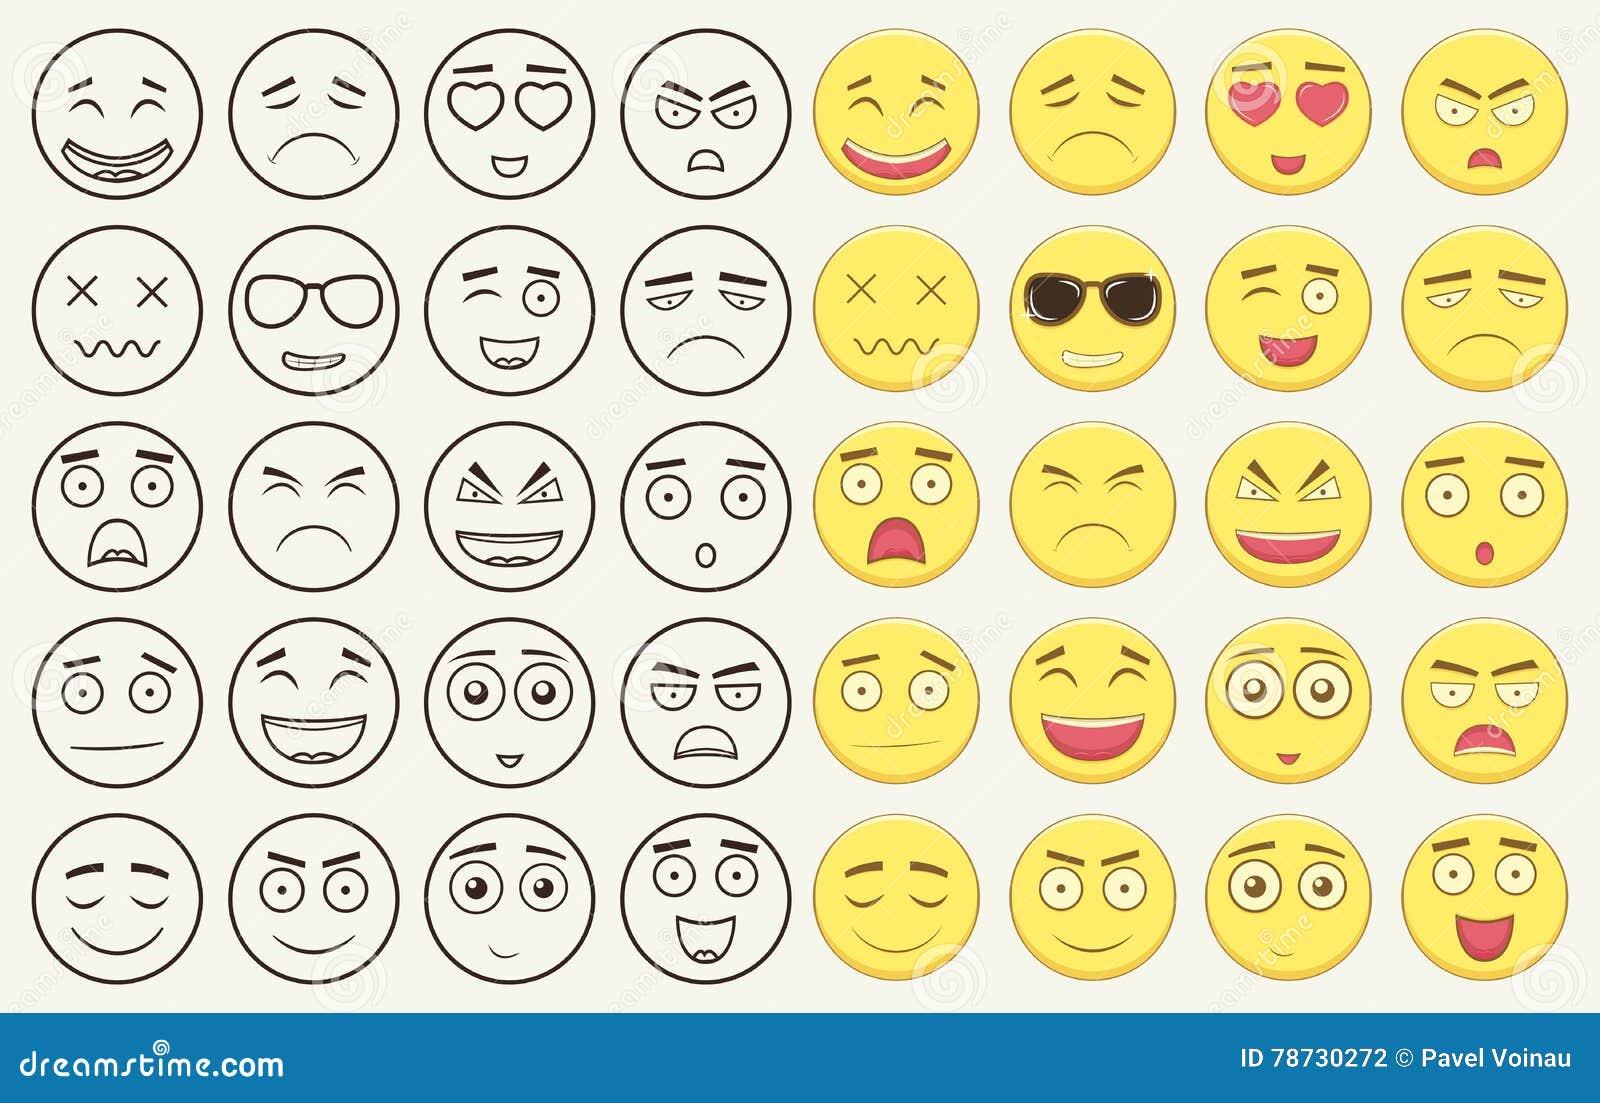 Uppsättning av översikten och färgrika emoticons, emoji som isoleras på vit bakgrund Emoticon för webbplatsen, pratstund, sms vek